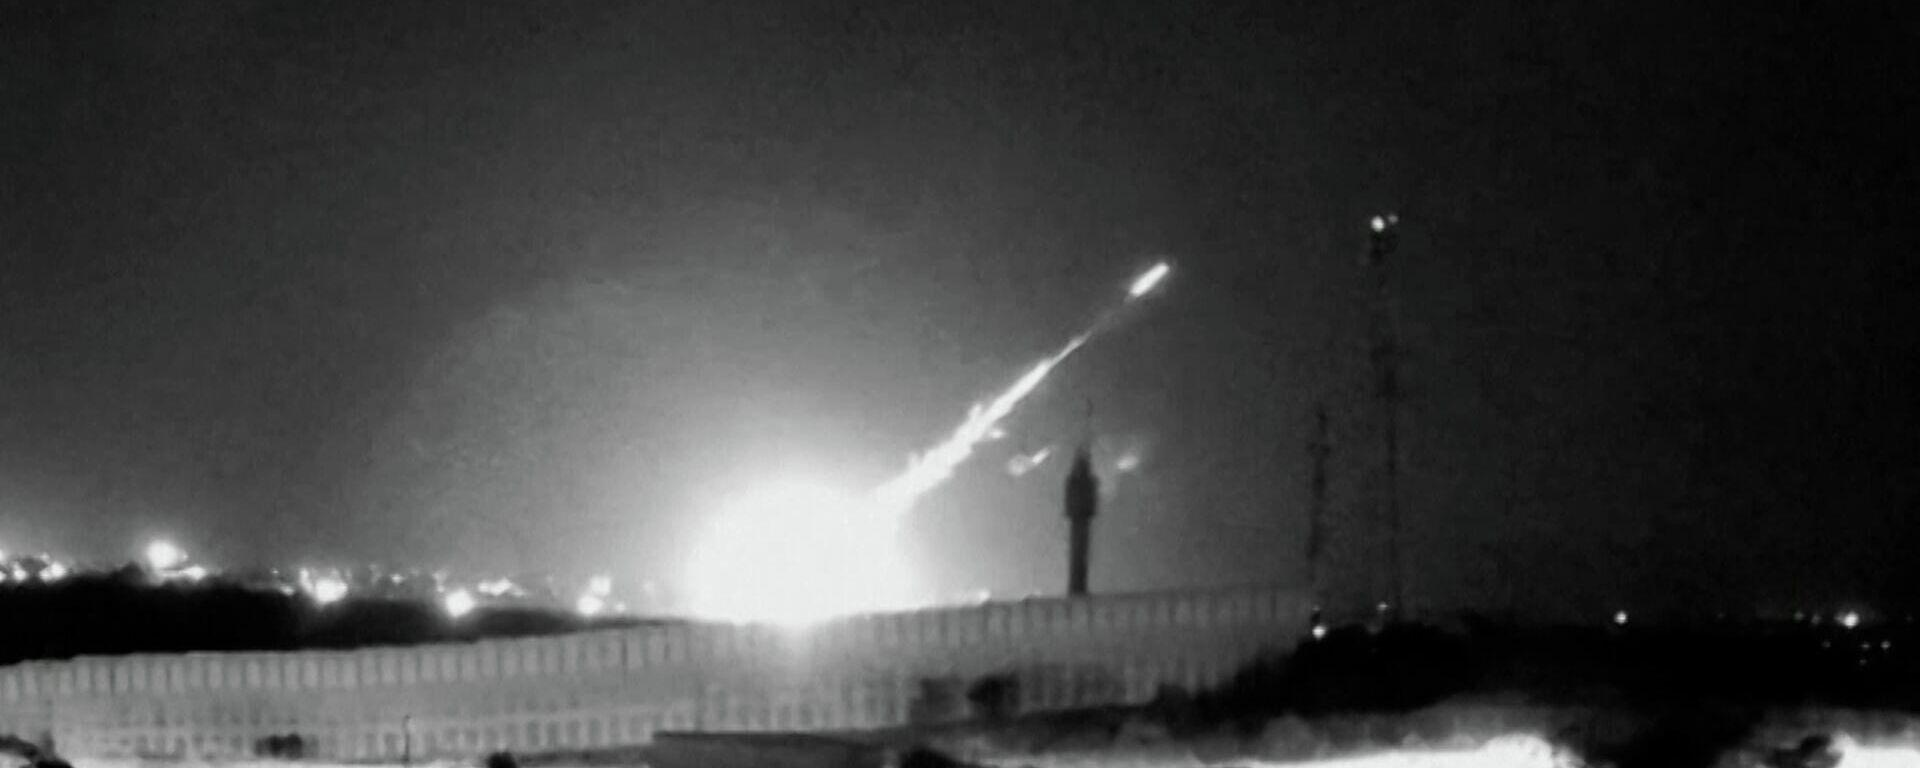 Σύρραξη δίχως τέλος: Βομβαρδισμοί, ρουκέτες και δεκάδες νεκροί σε Ισραήλ και Γάζα - Sputnik Ελλάδα, 1920, 13.05.2021